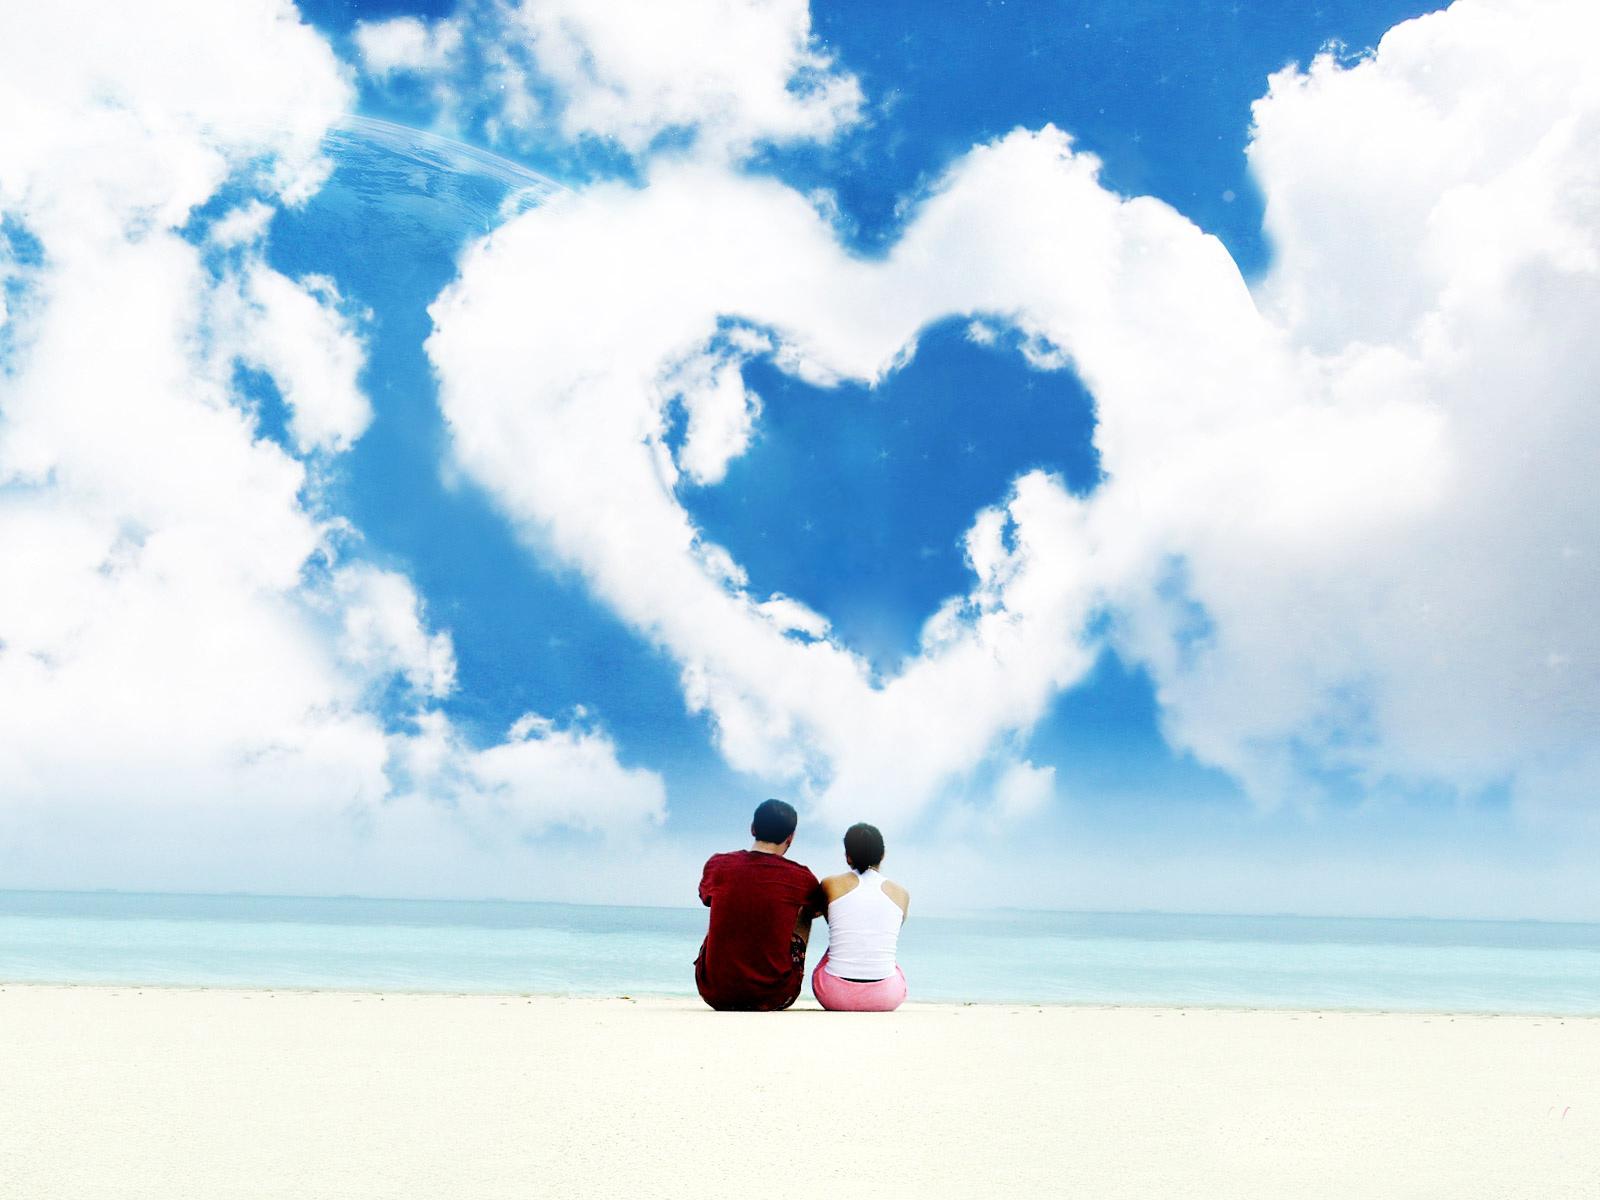 облака в форме сердца, обои для рабочего стола, влюбленные, скачать